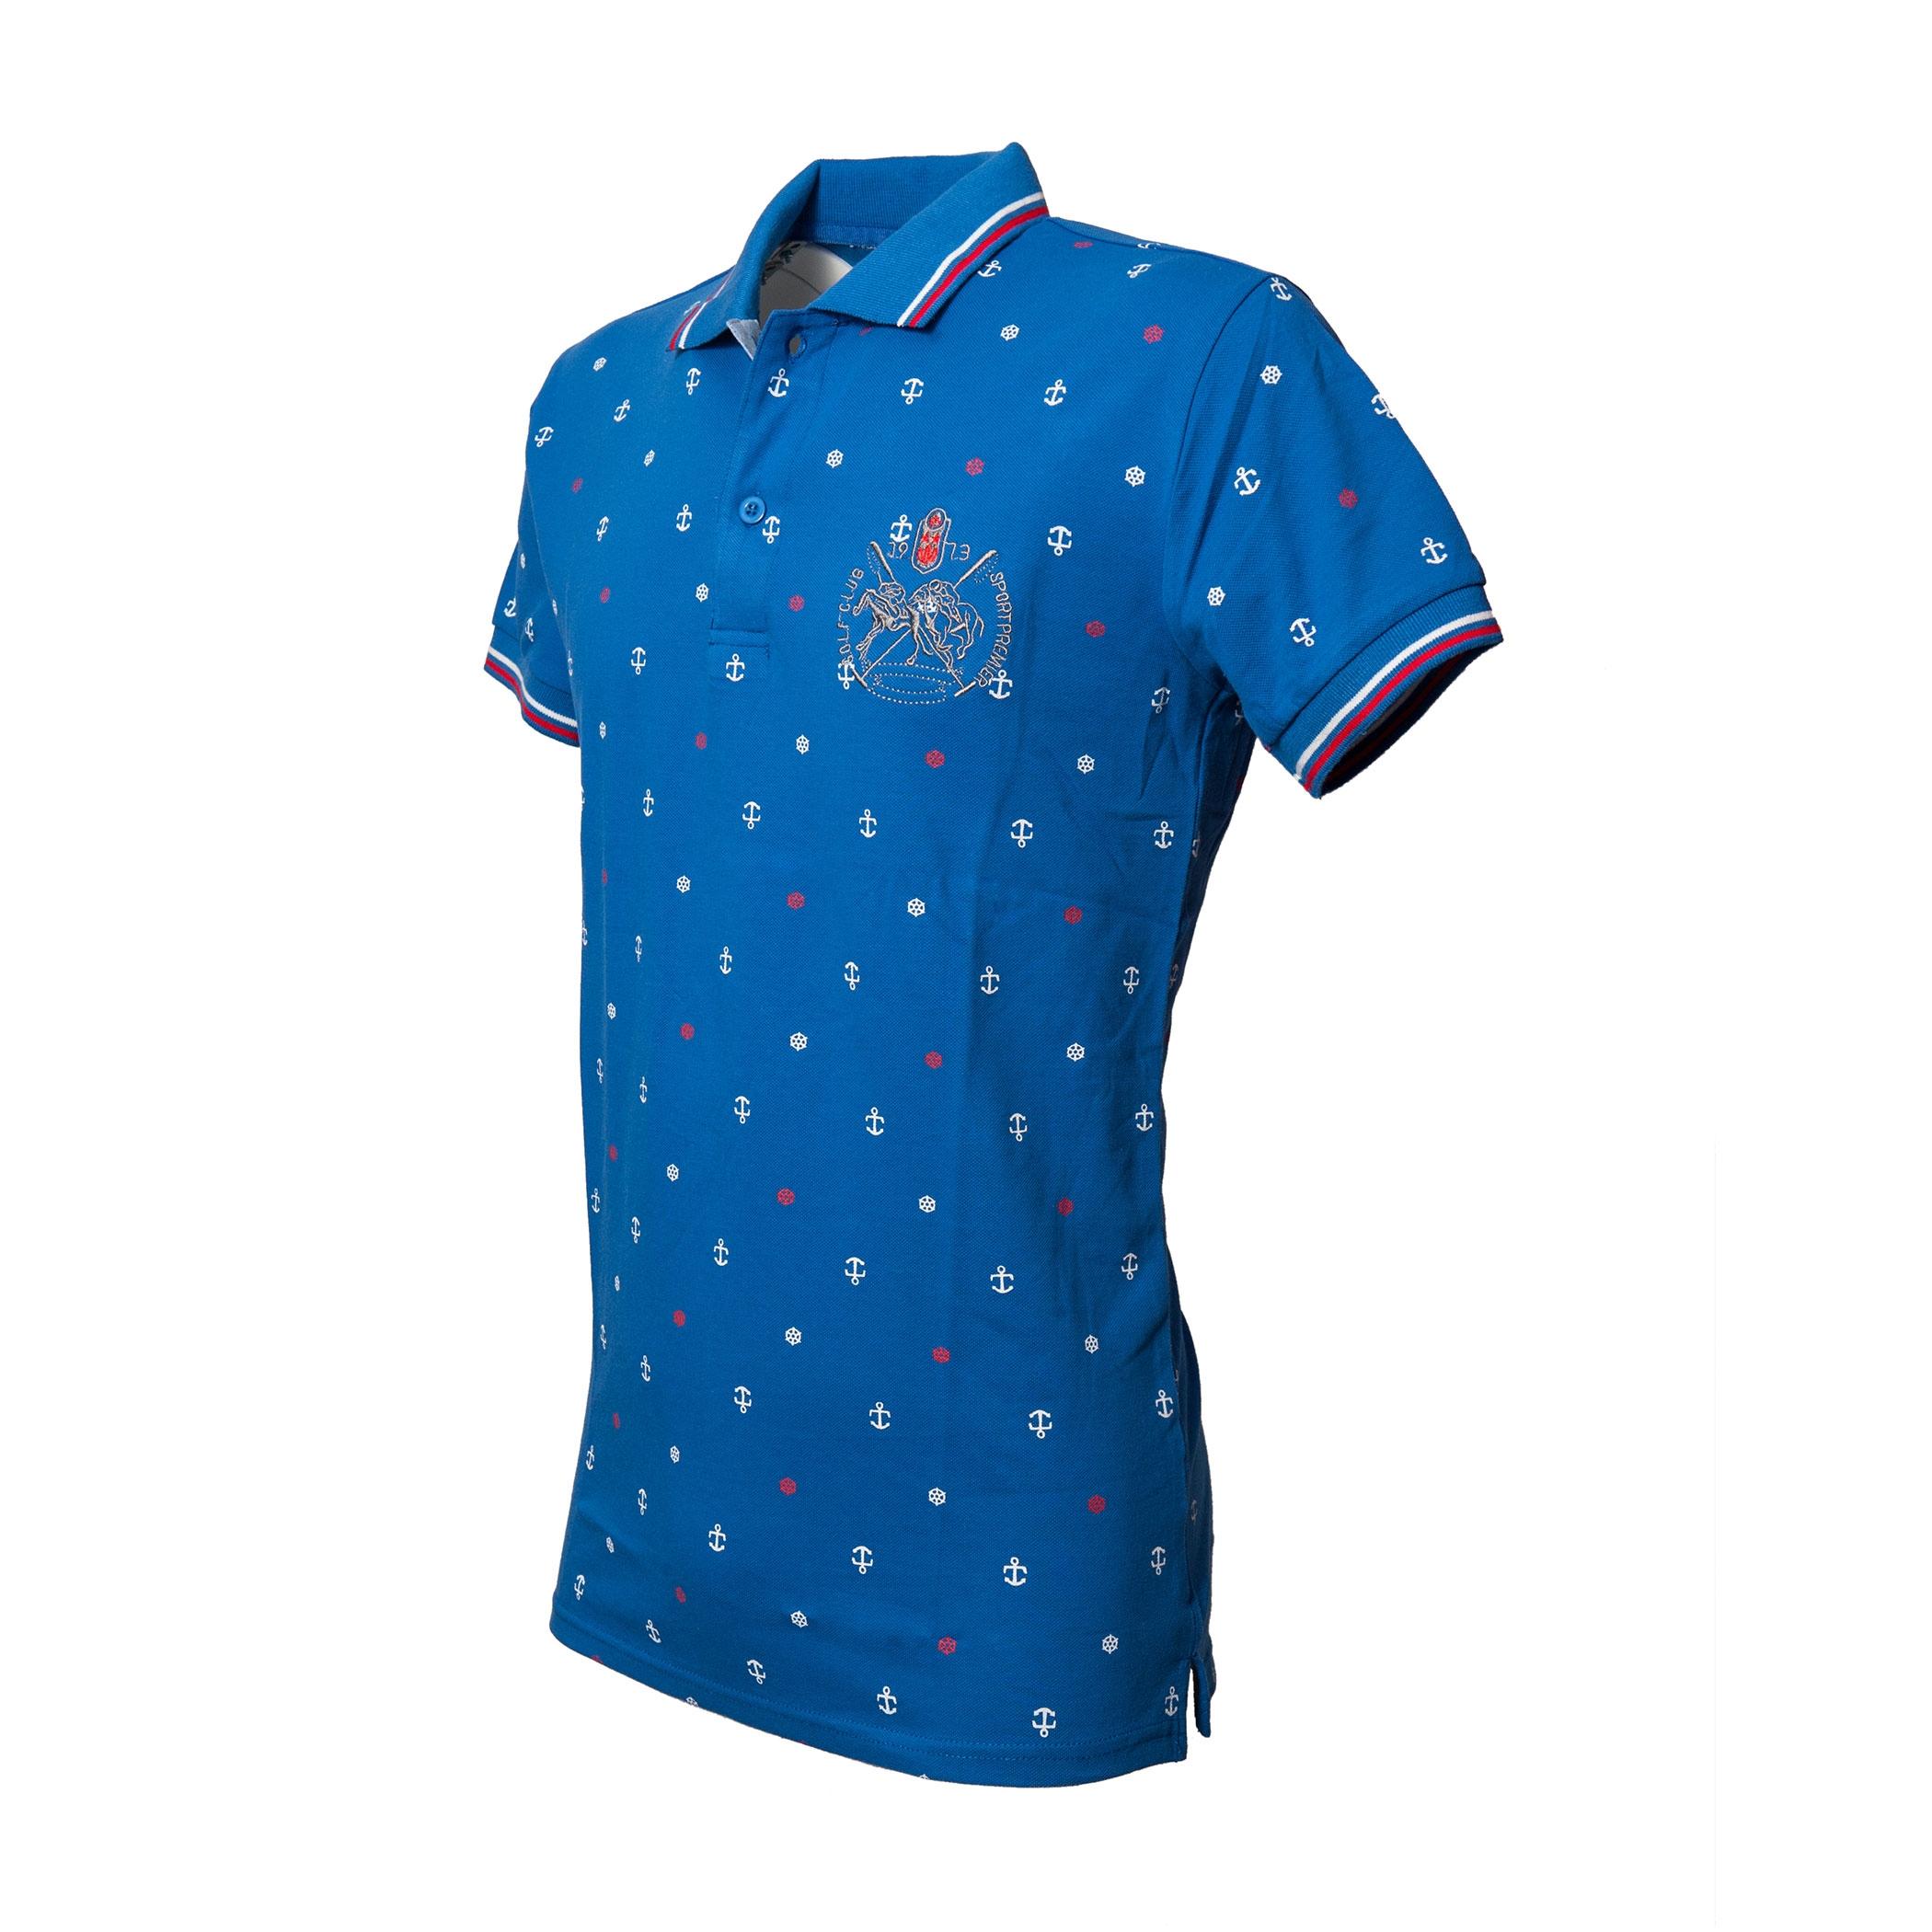 Polo-Uomo-Manica-Corta-Cotone-Casual-Maglietta-Slim-Fit-Maglia-Sportiva-T-shirt miniatura 7